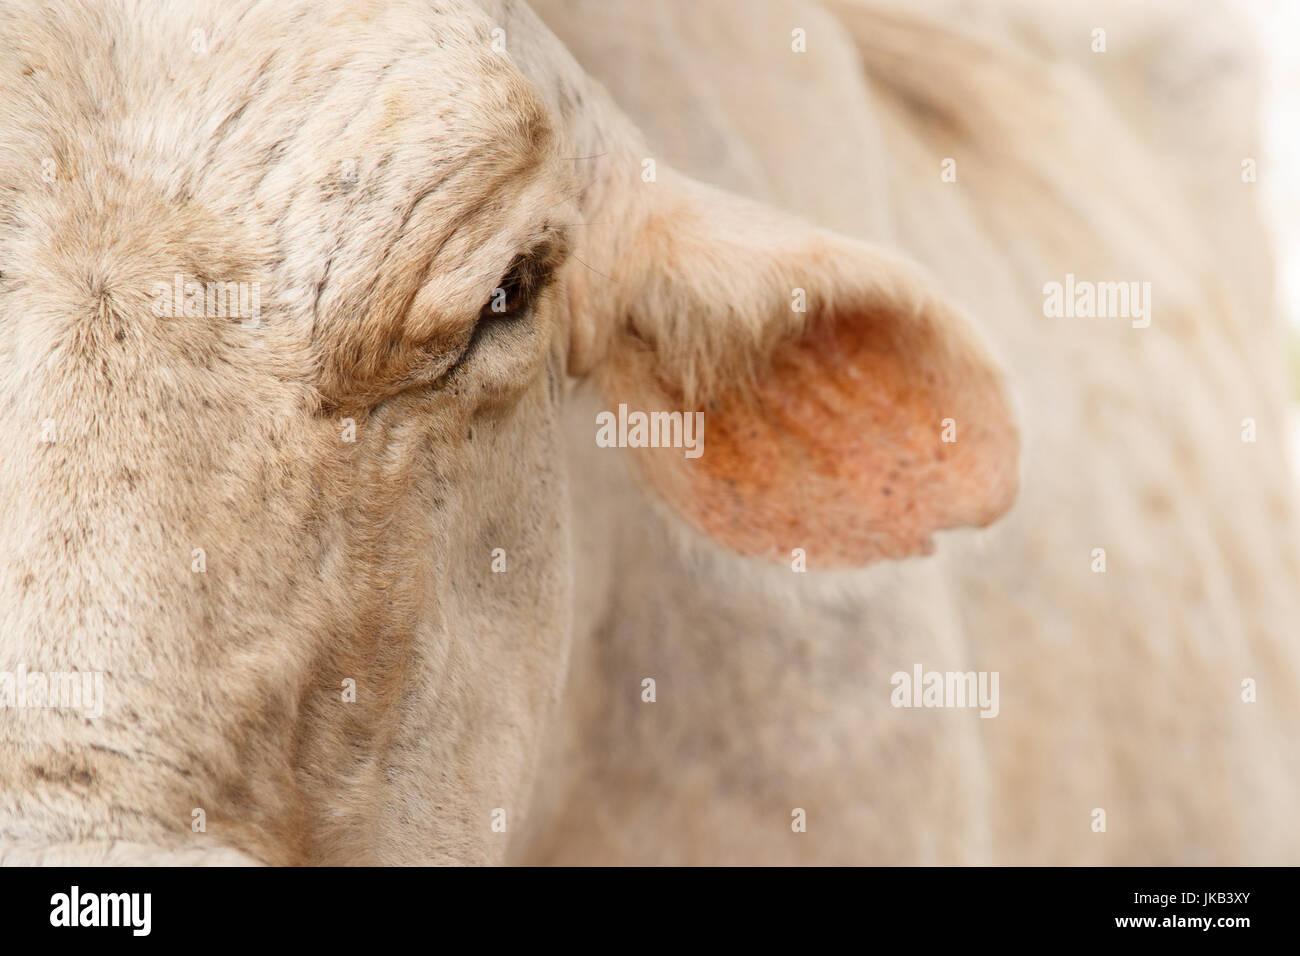 La vida cotidiana en la granja de vacas en el campo. Primer plano de una vaca, ganado en cuerpo estable Imagen De Stock